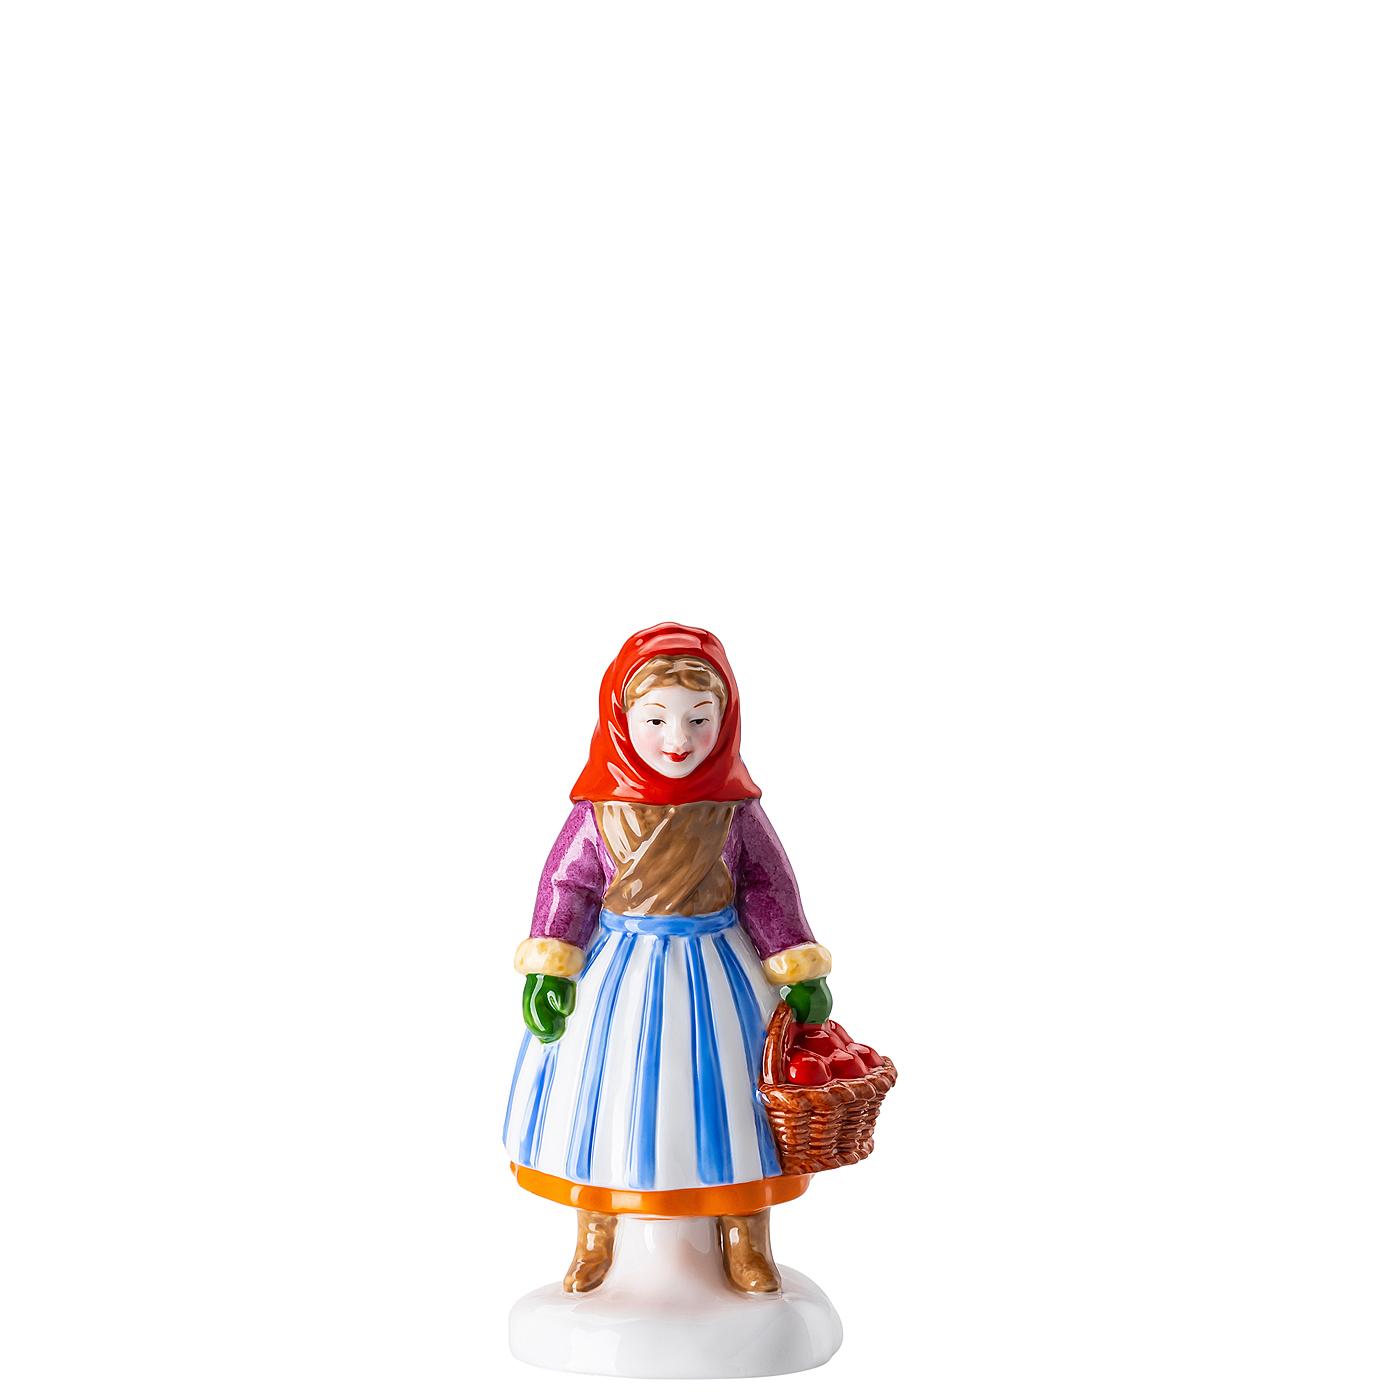 Obstfrau Figuren Weihnachtsbäckerei Hutschenreuther